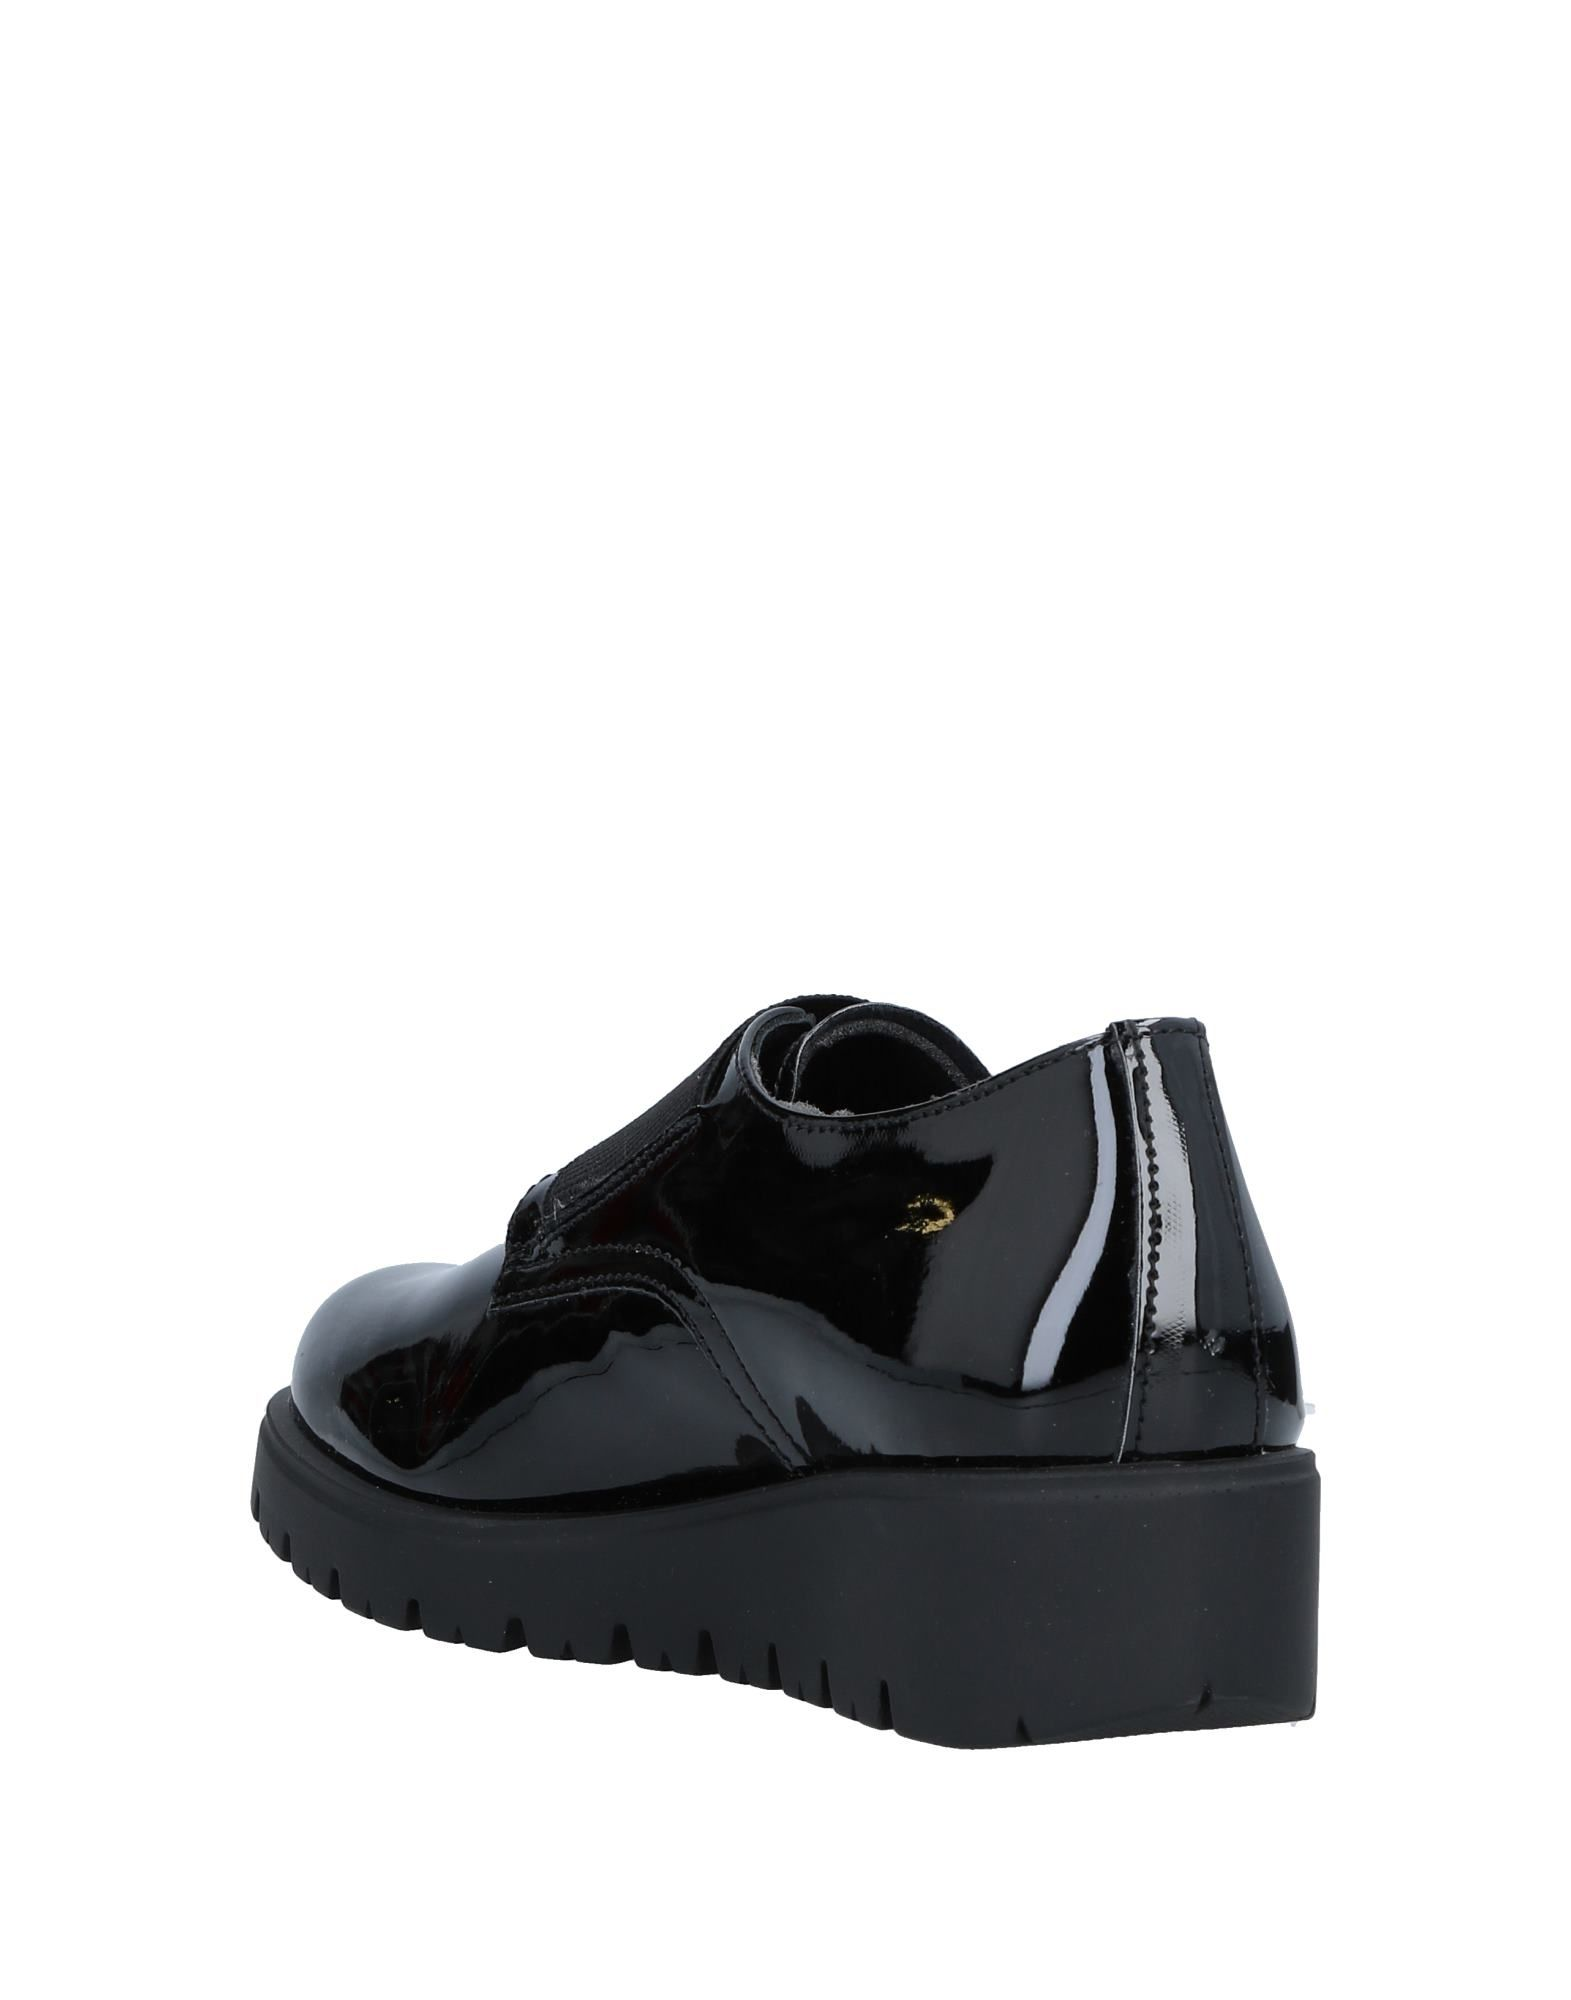 Cinzia Gute Imprint Mokassins Damen  11534749JD Gute Cinzia Qualität beliebte Schuhe 7f6308